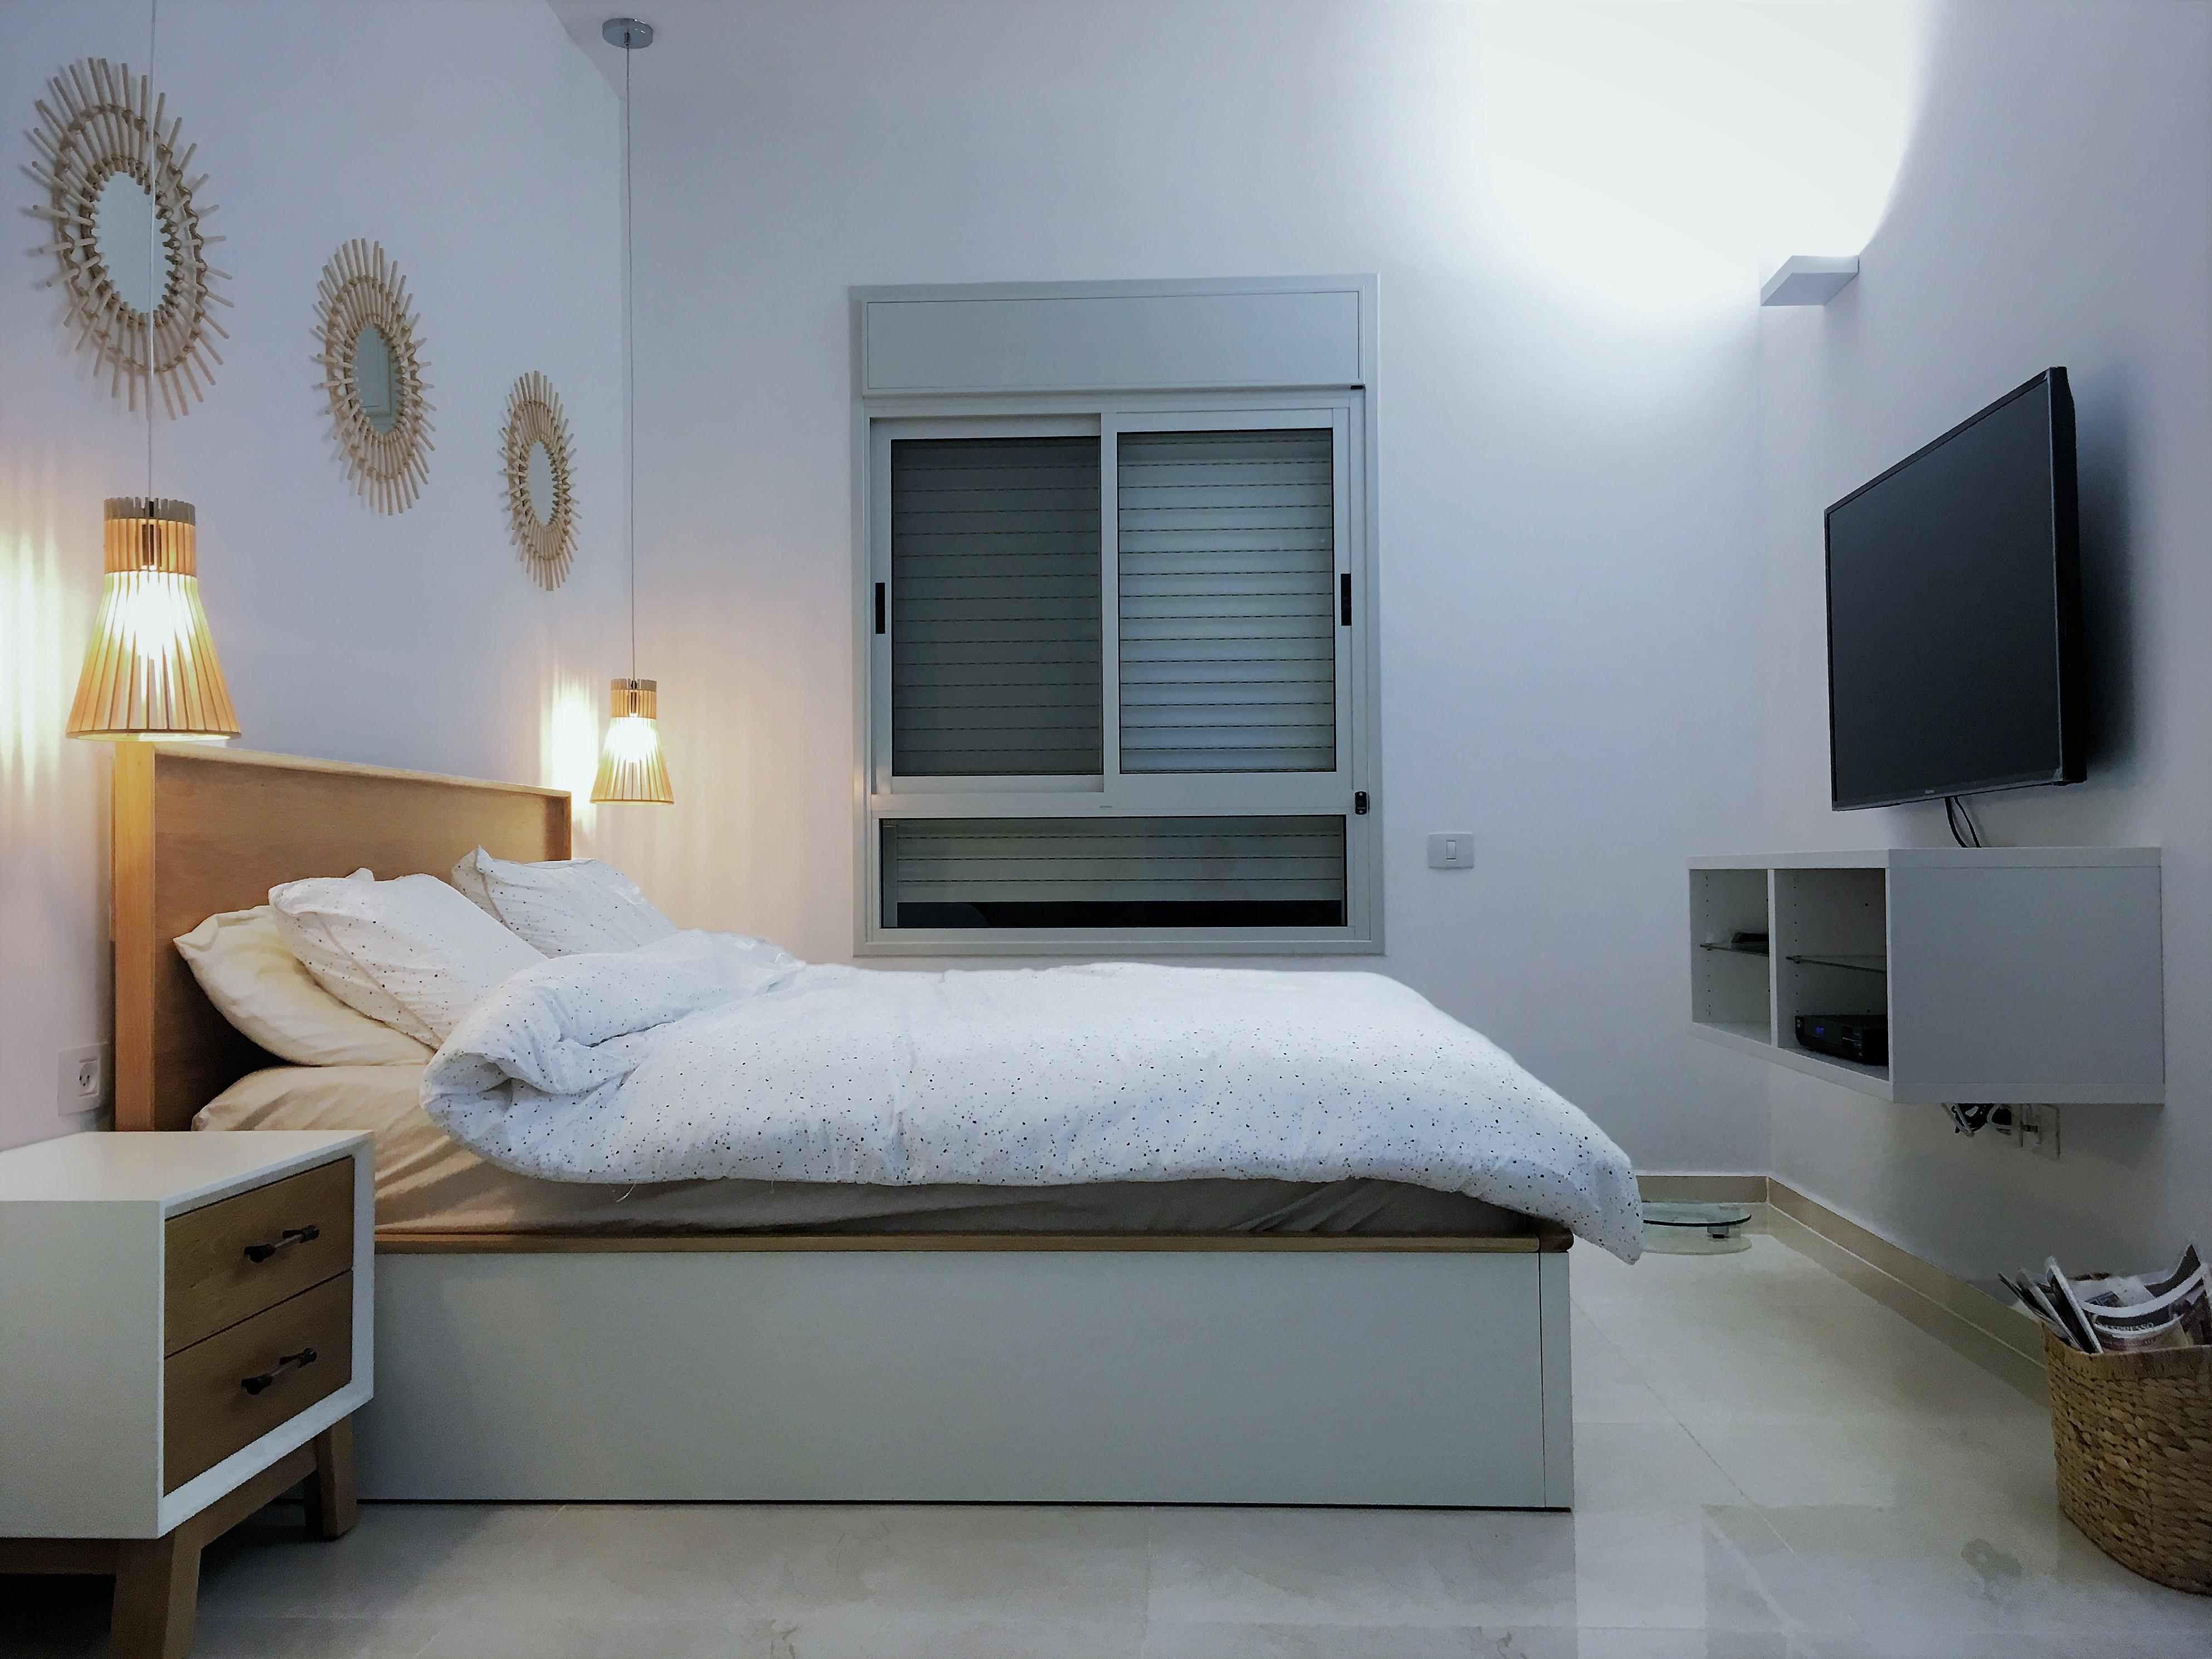 שינוי דירים - חדר שינה הורים